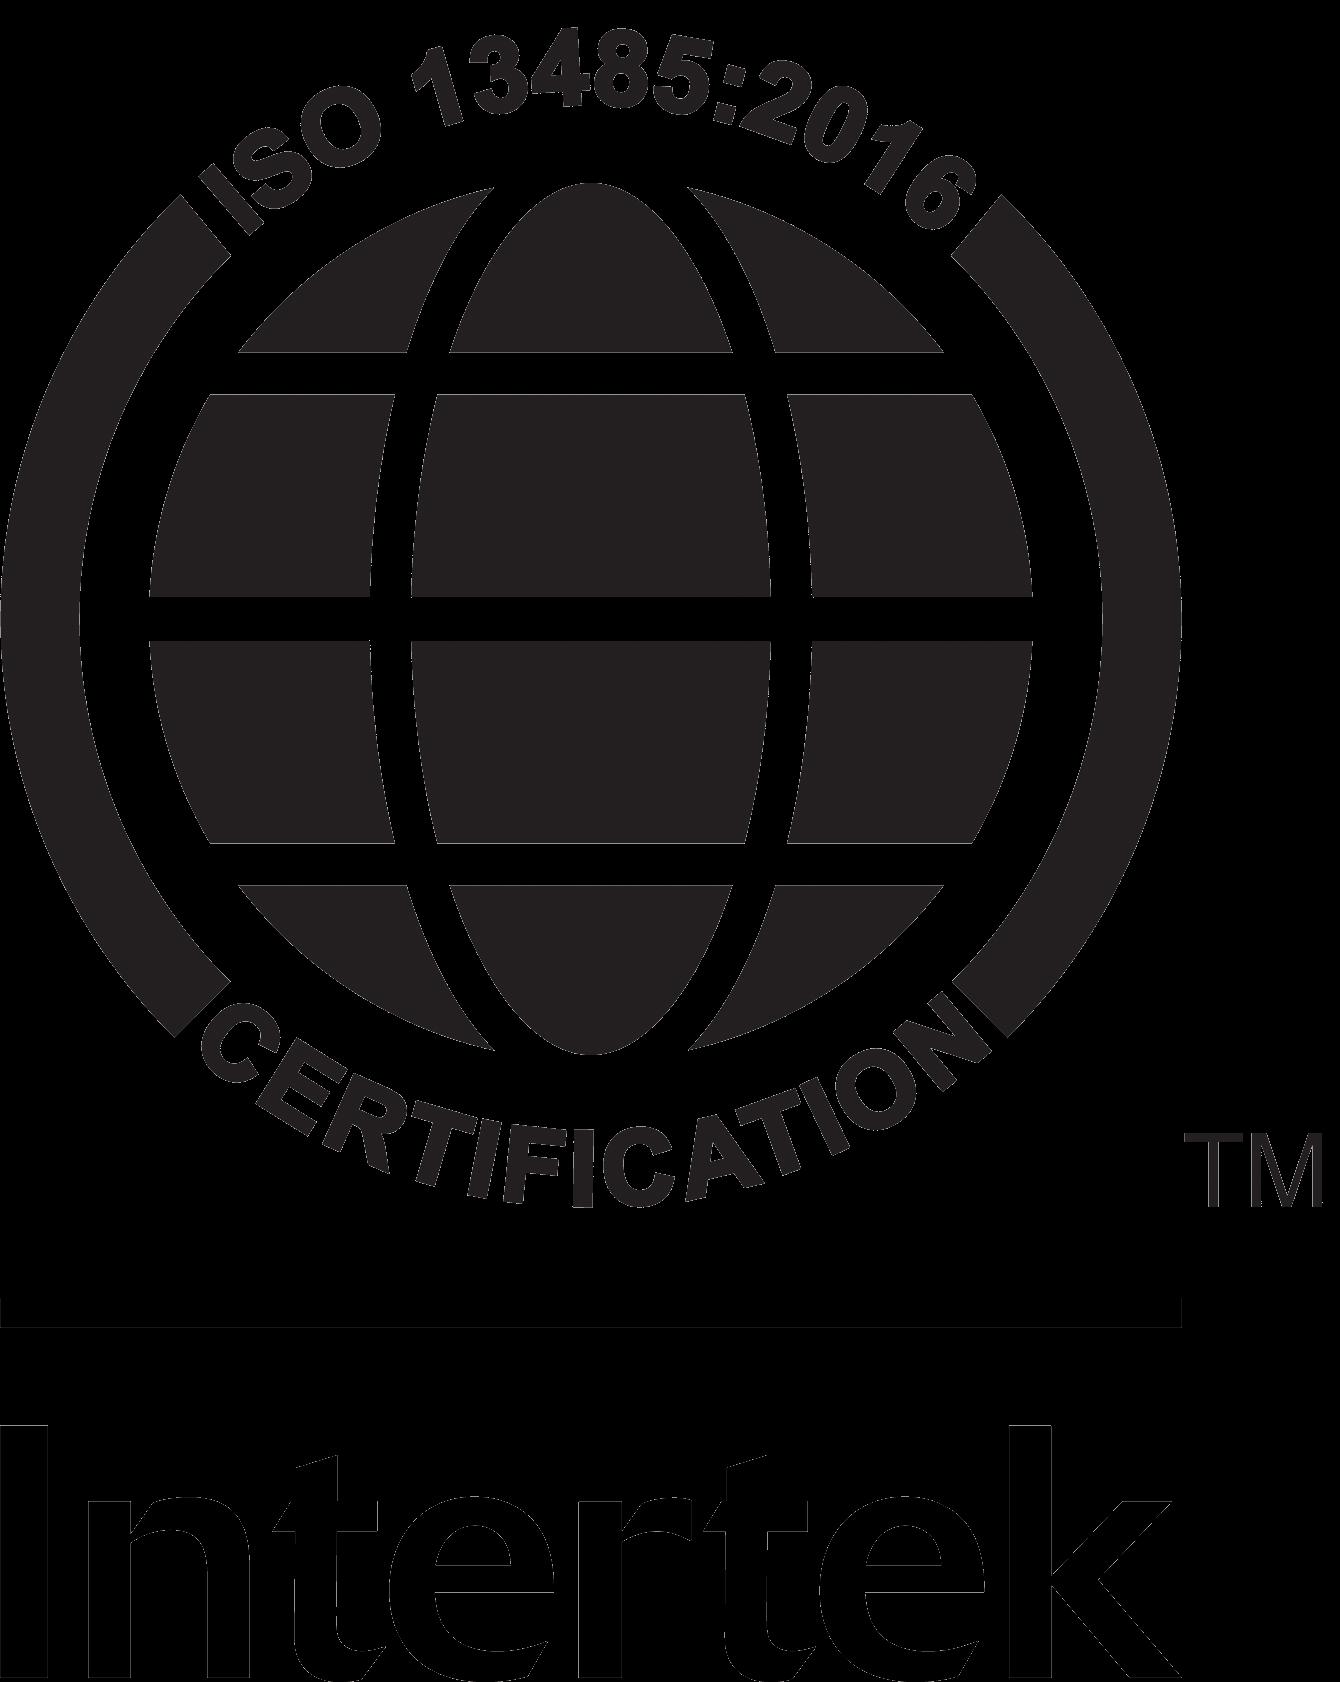 ISO 13485_2016 black TM